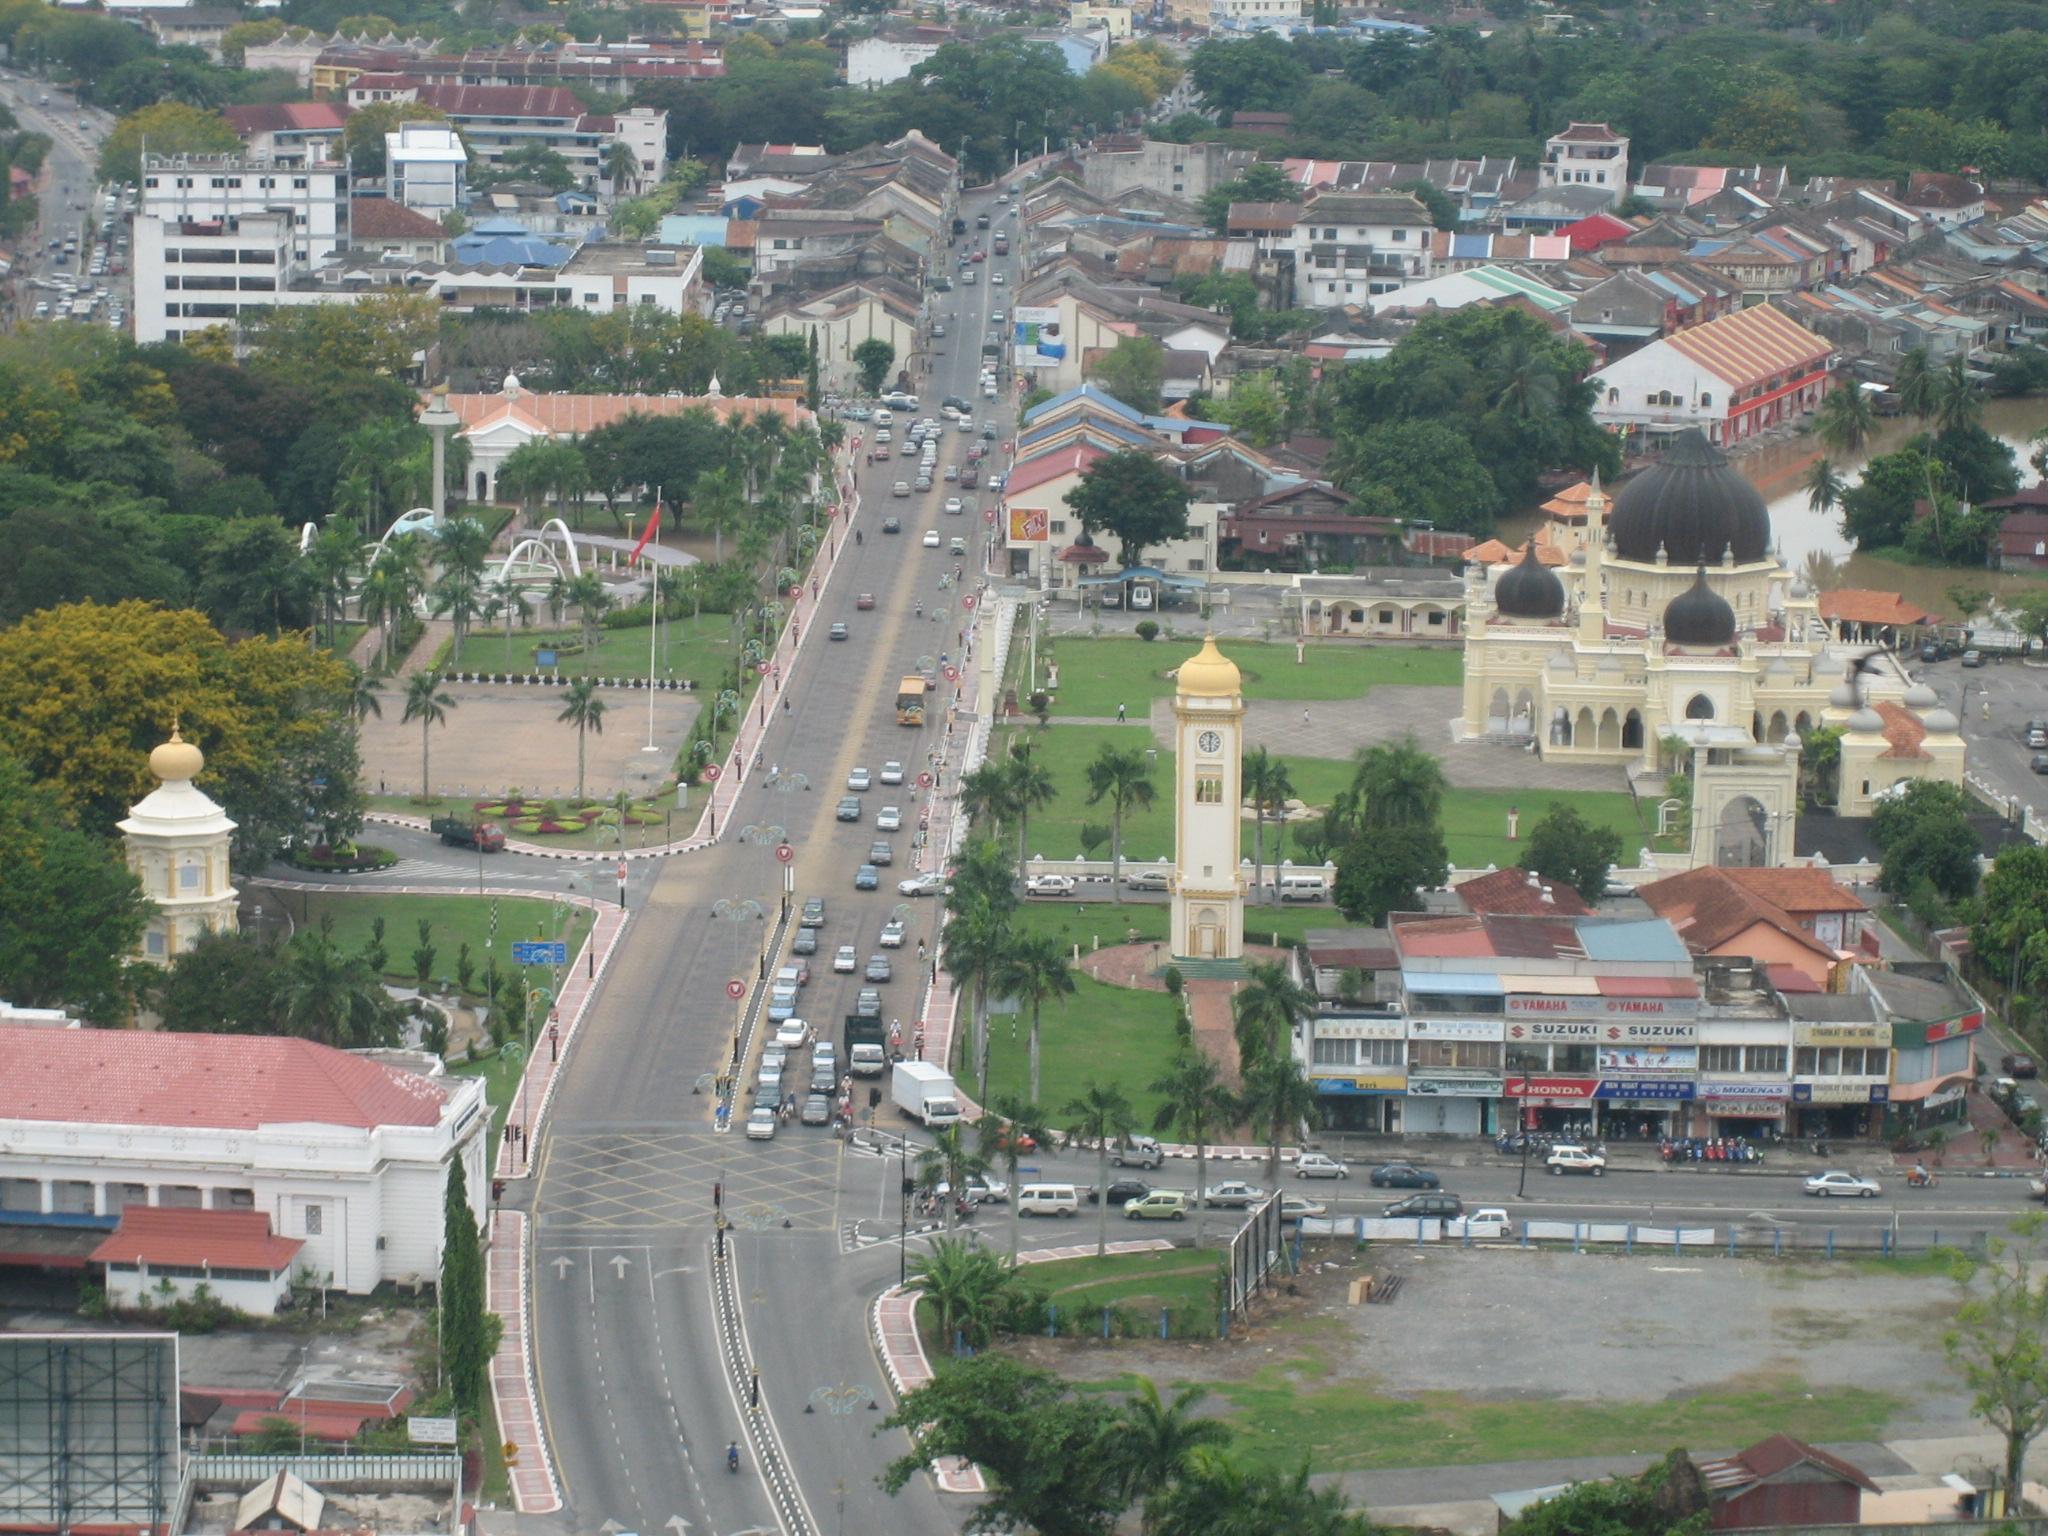 Alor Setar Malaysia  City pictures : alor toman, Terengganu, Malaysia What happens in kampong alor ...